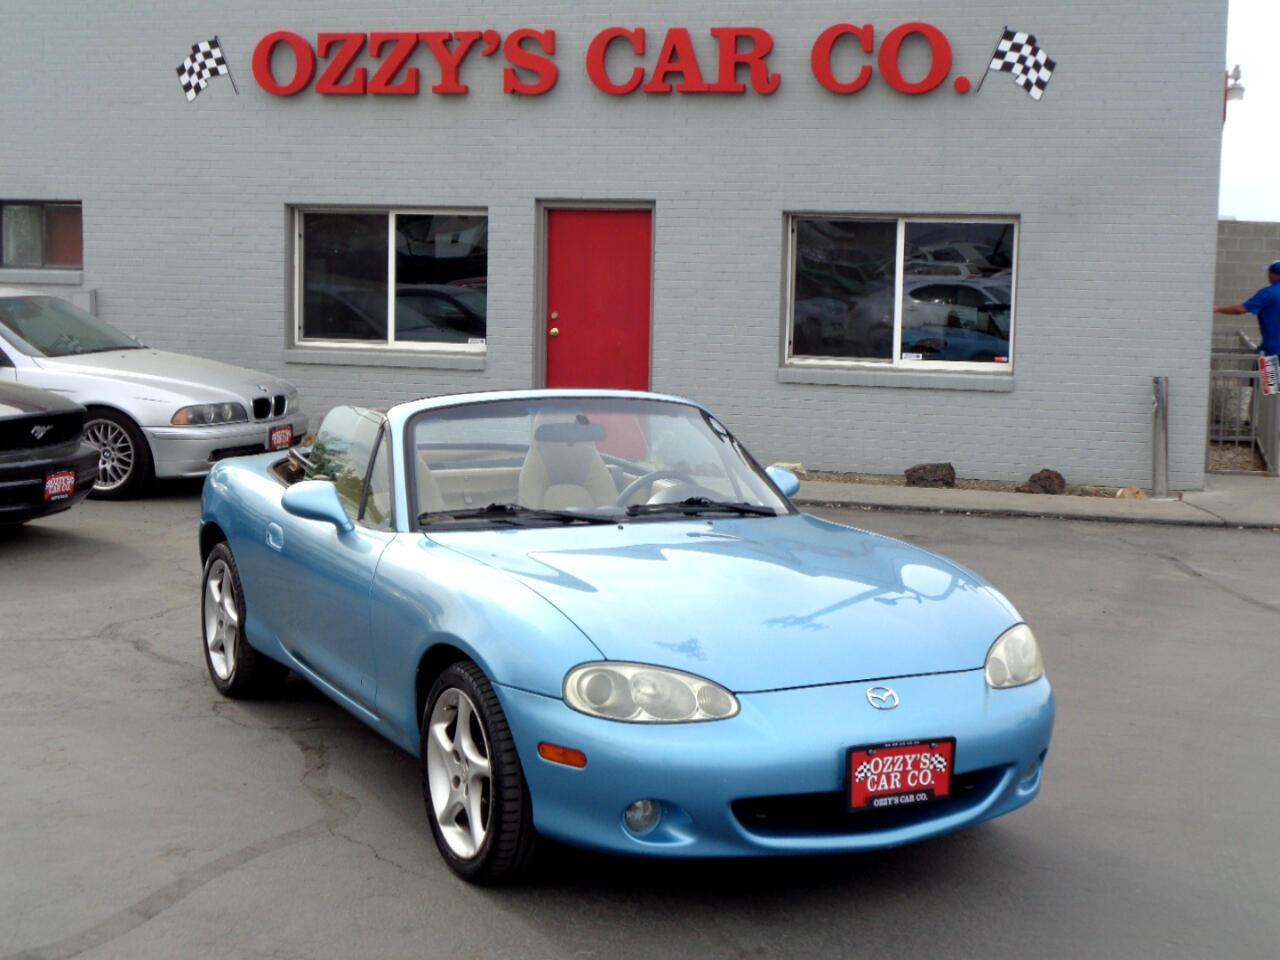 2001 Mazda MX-5 Miata 2dr Conv SE Special Edition